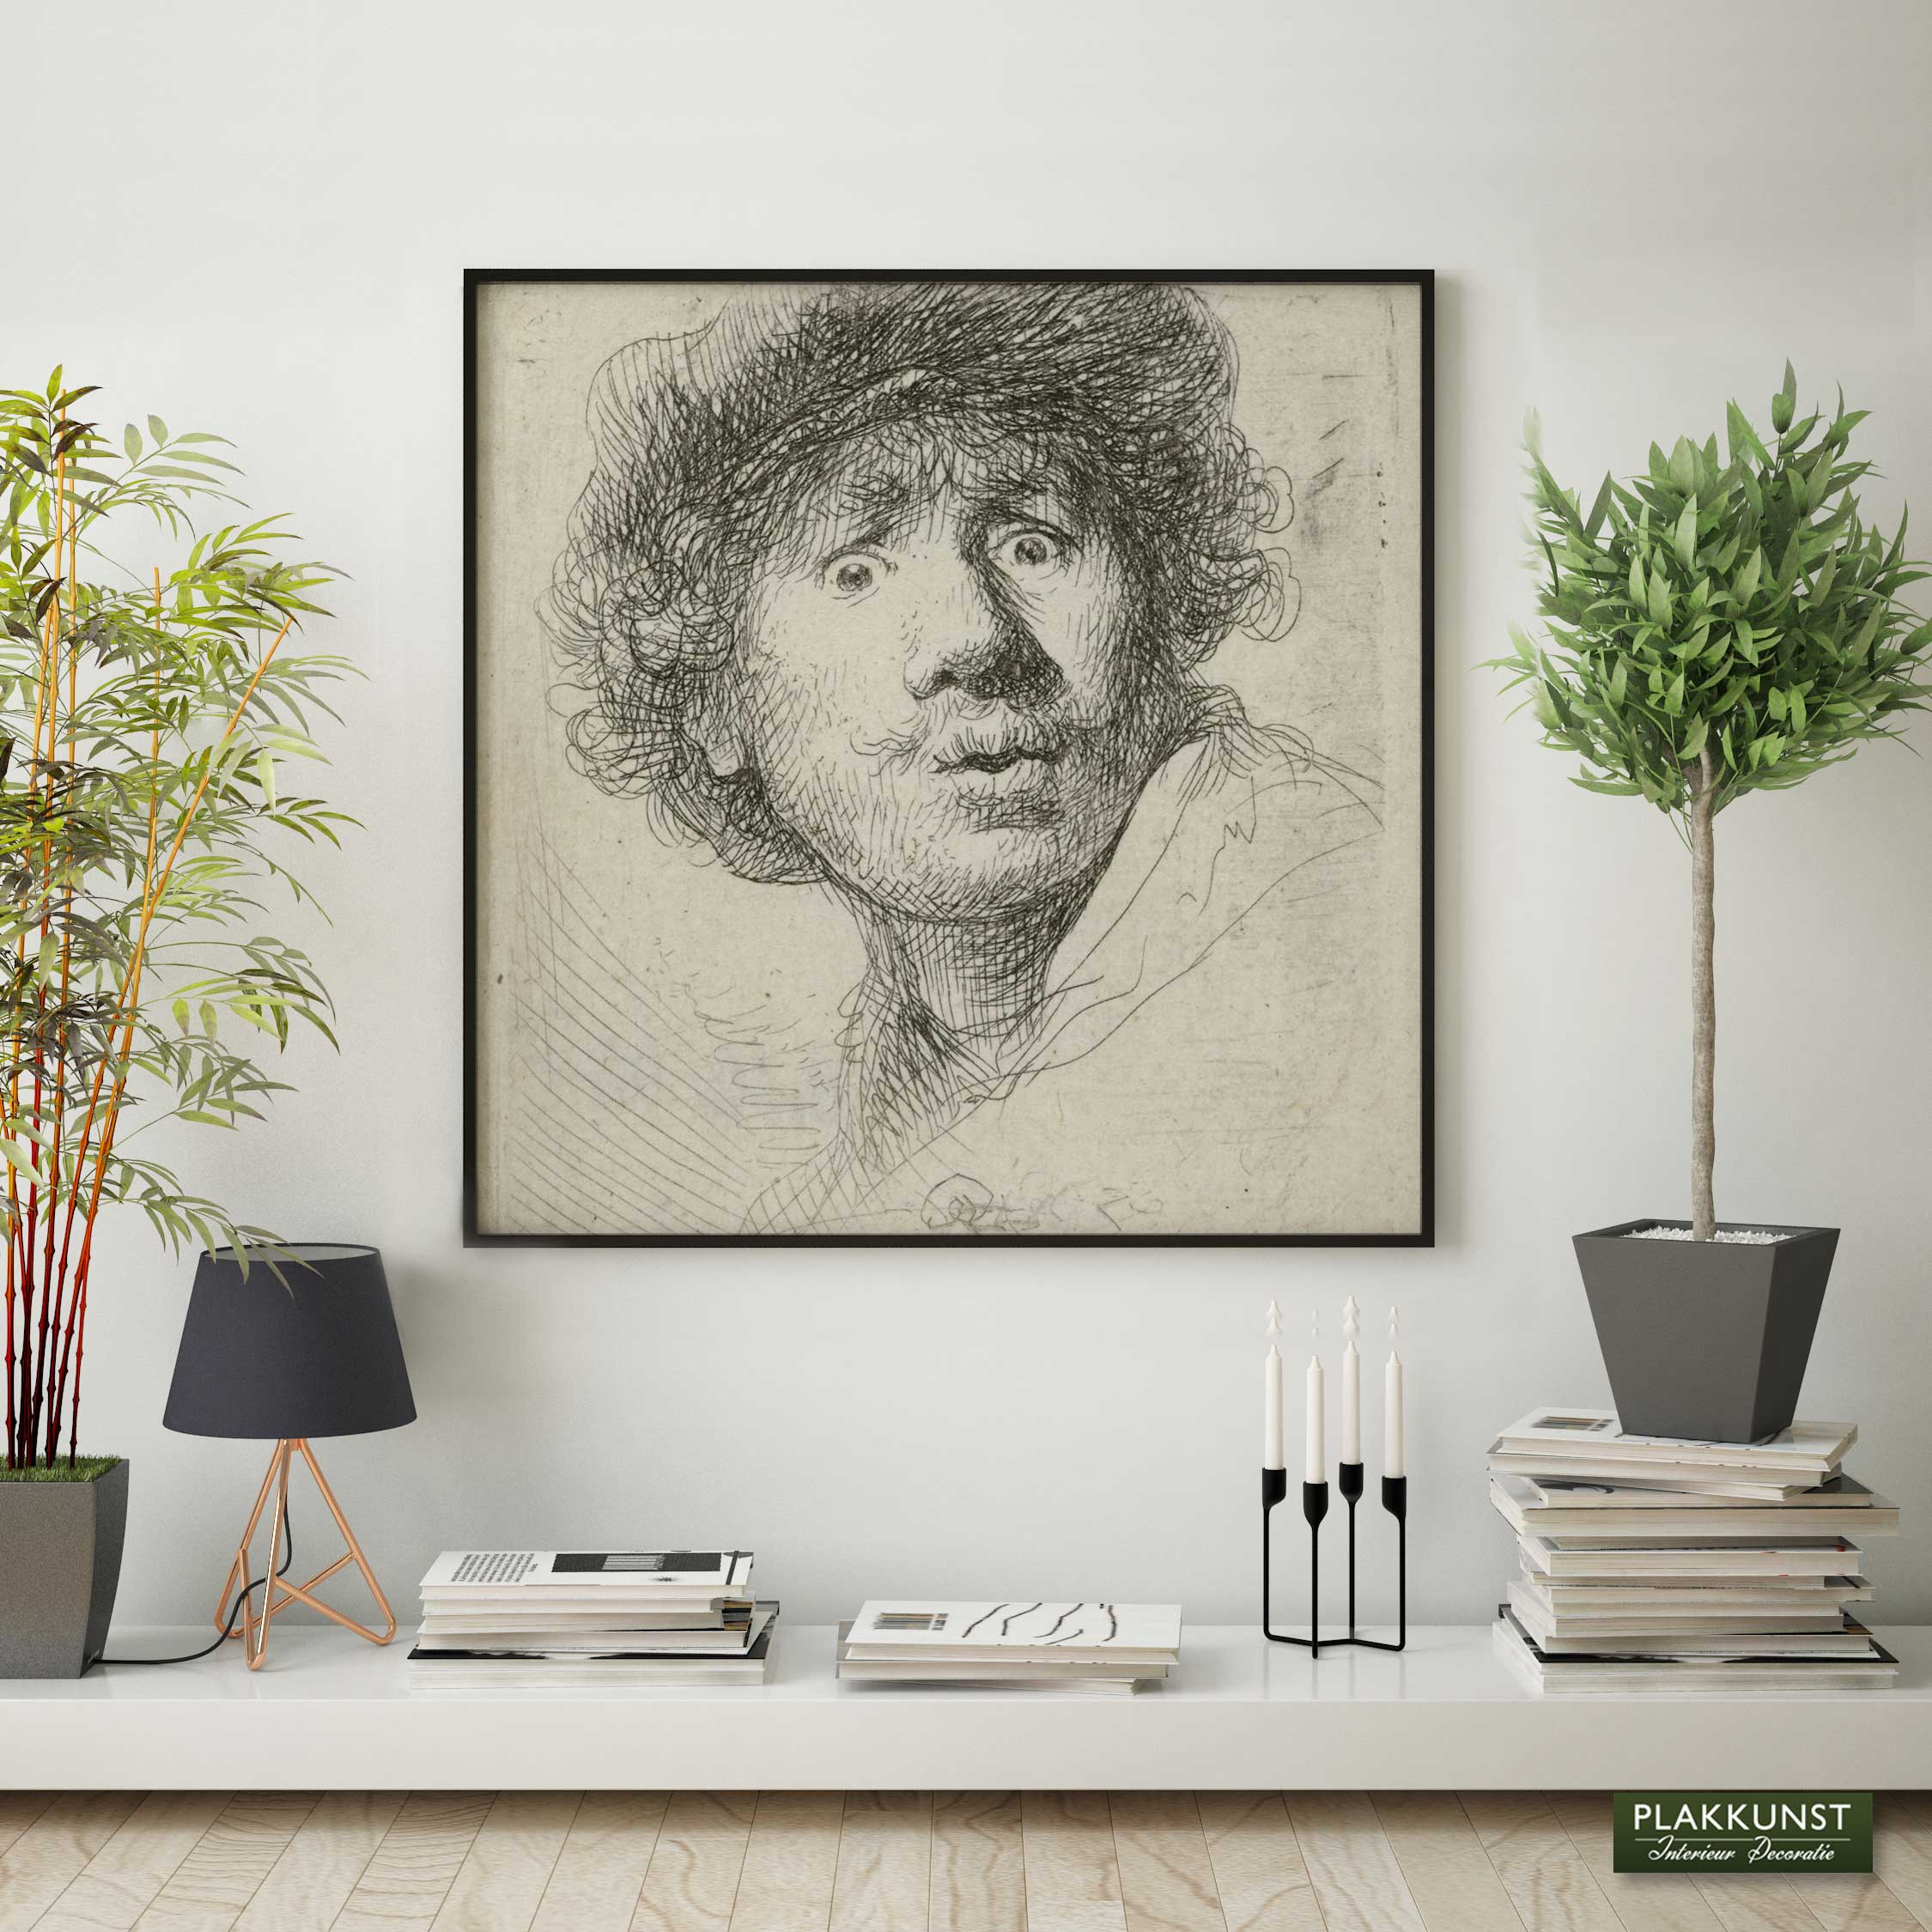 Zelfportret met baret en opengesperde ogen, Poster